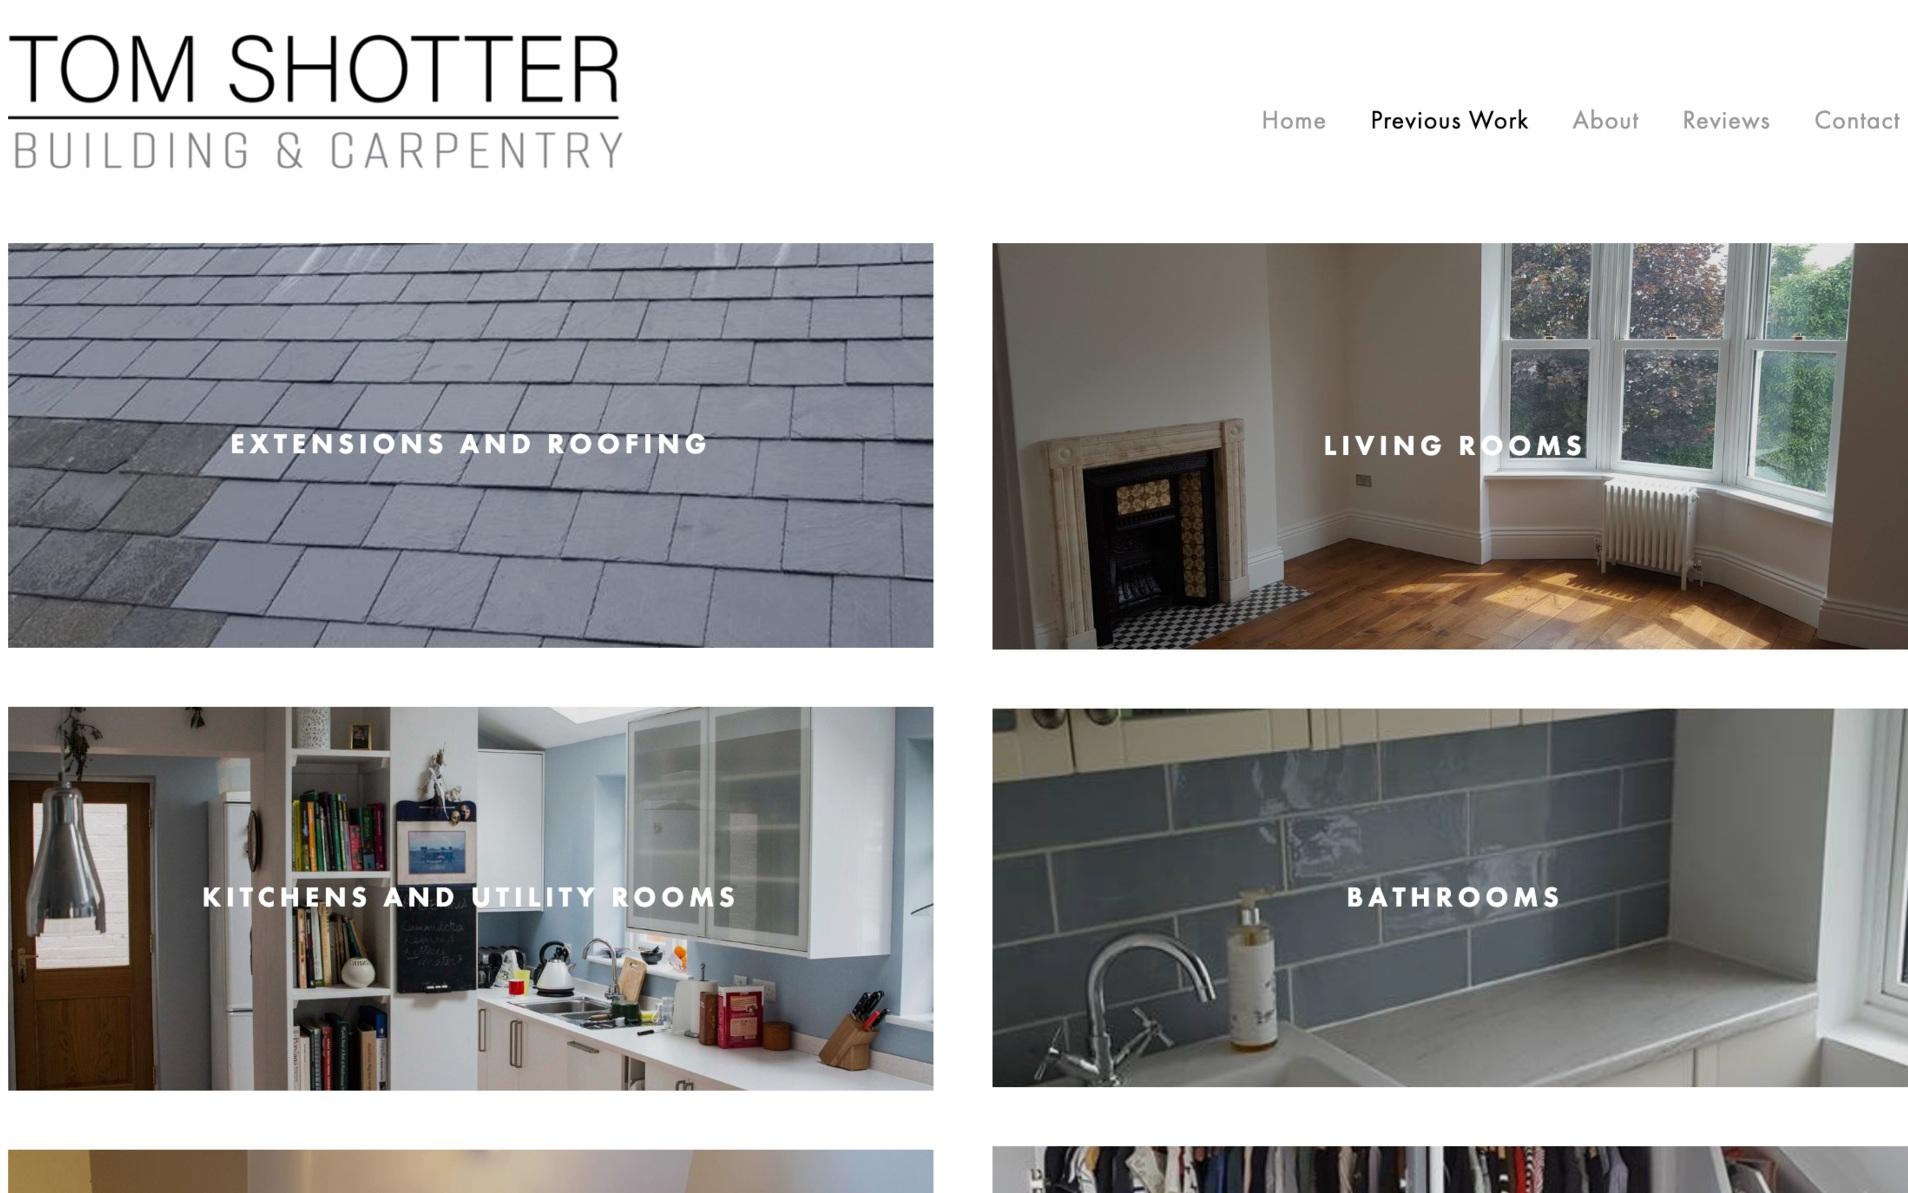 Rosehip+Website+Design+-+Portfolio+-+Tom+Shotter+Building+and+Carpentry